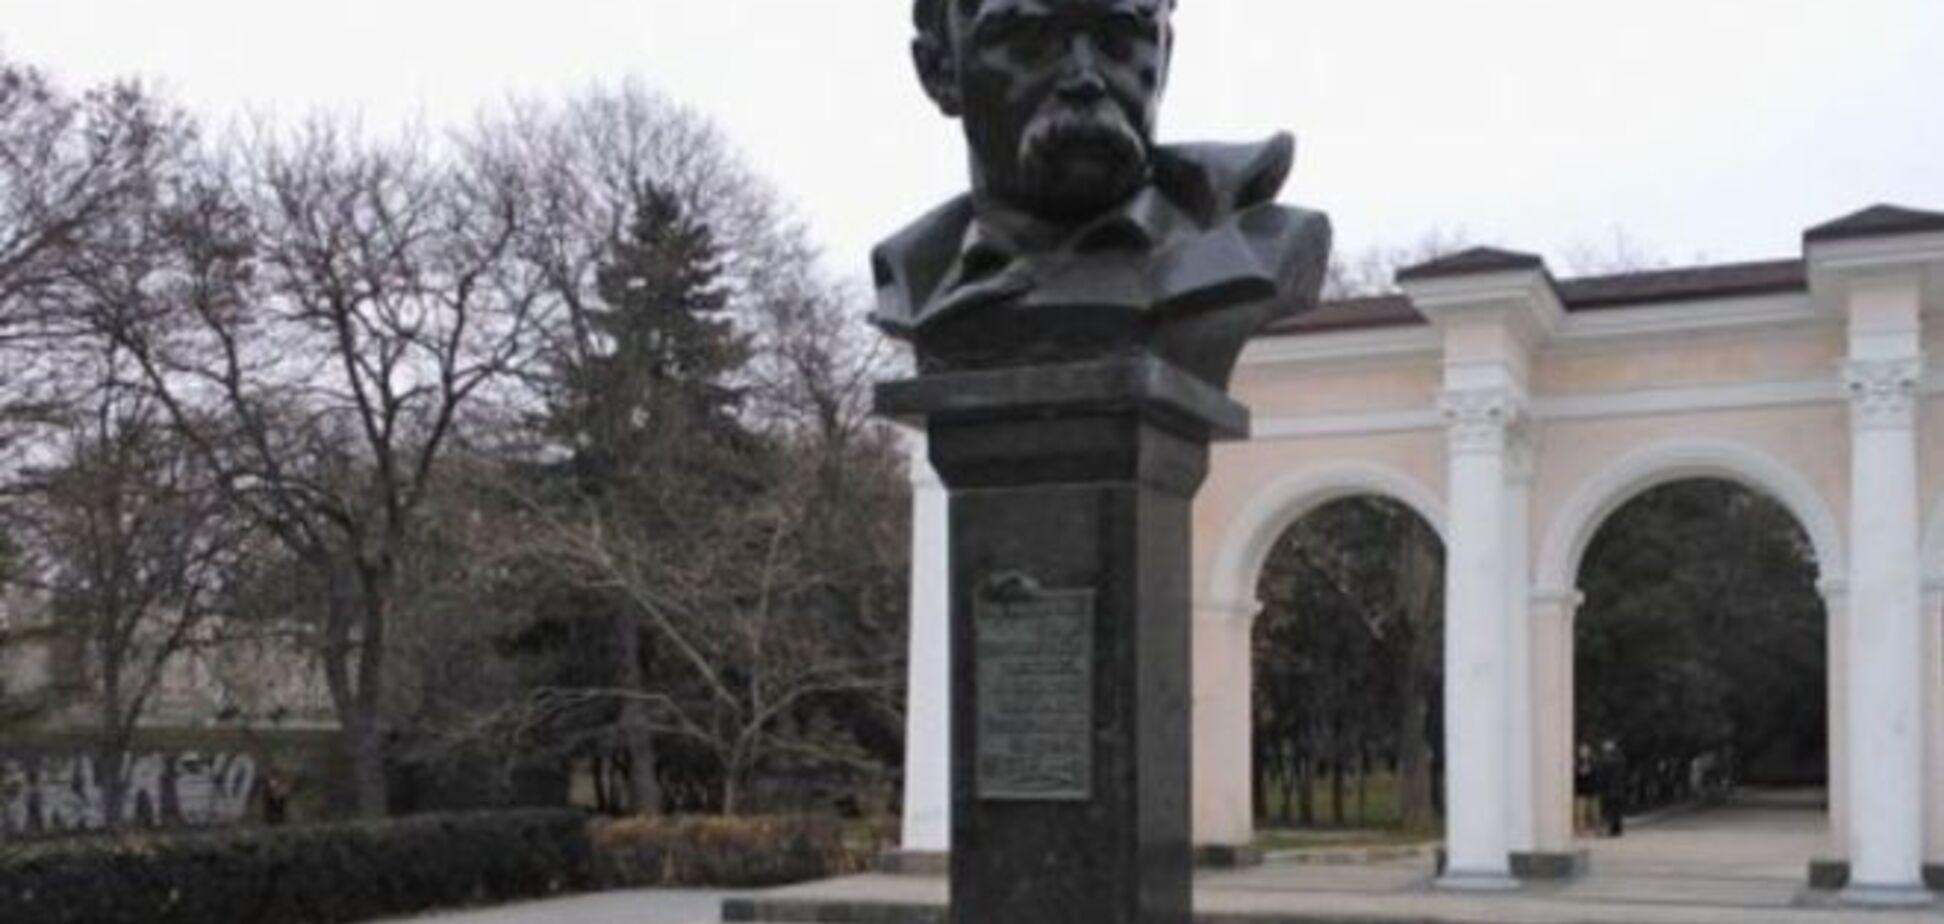 Крымские 'власти' боятся Шевченко: активистам запретили отмечать годовщину поэта